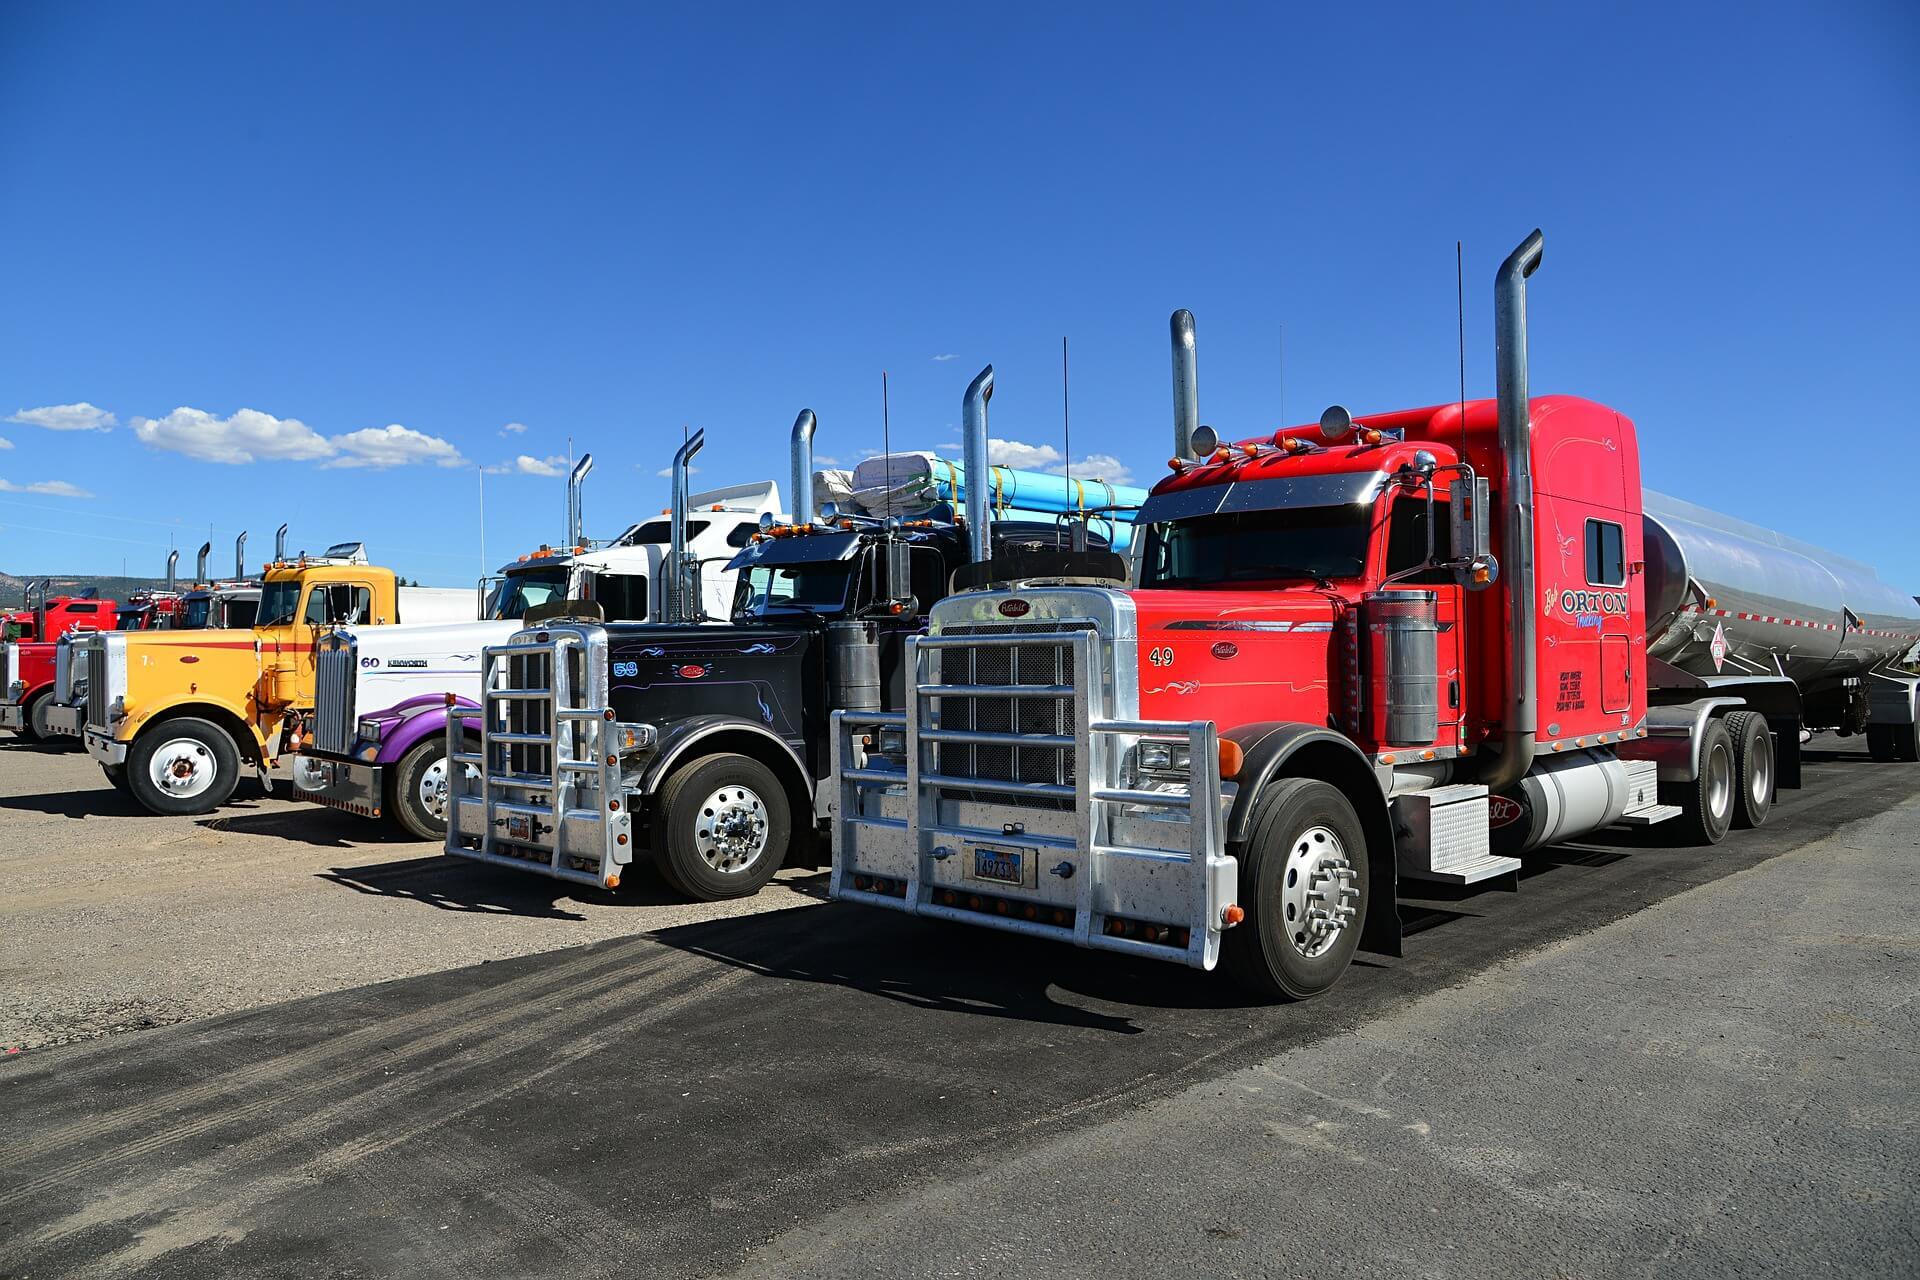 truck-602567_1920(1).jpg